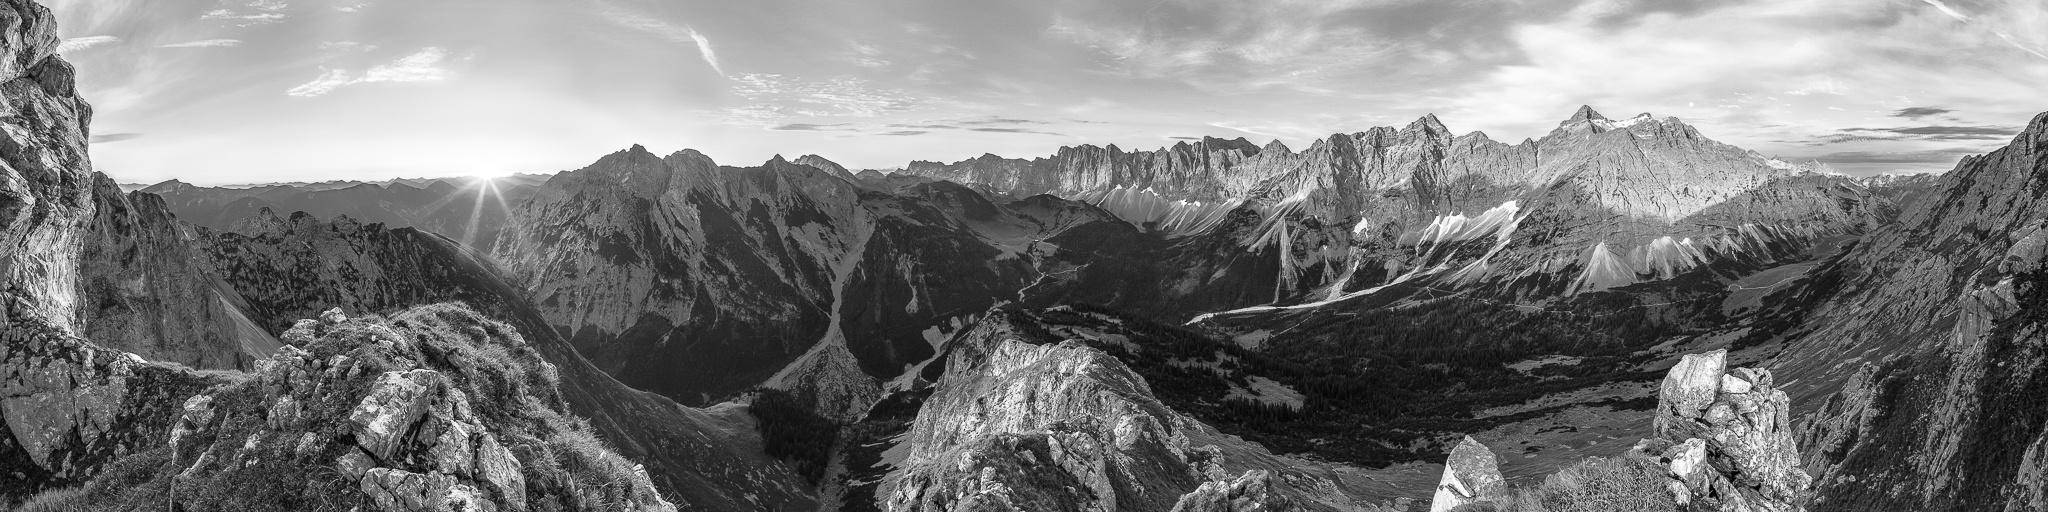 Karwendelhauptkamm, Karwendelgebirge